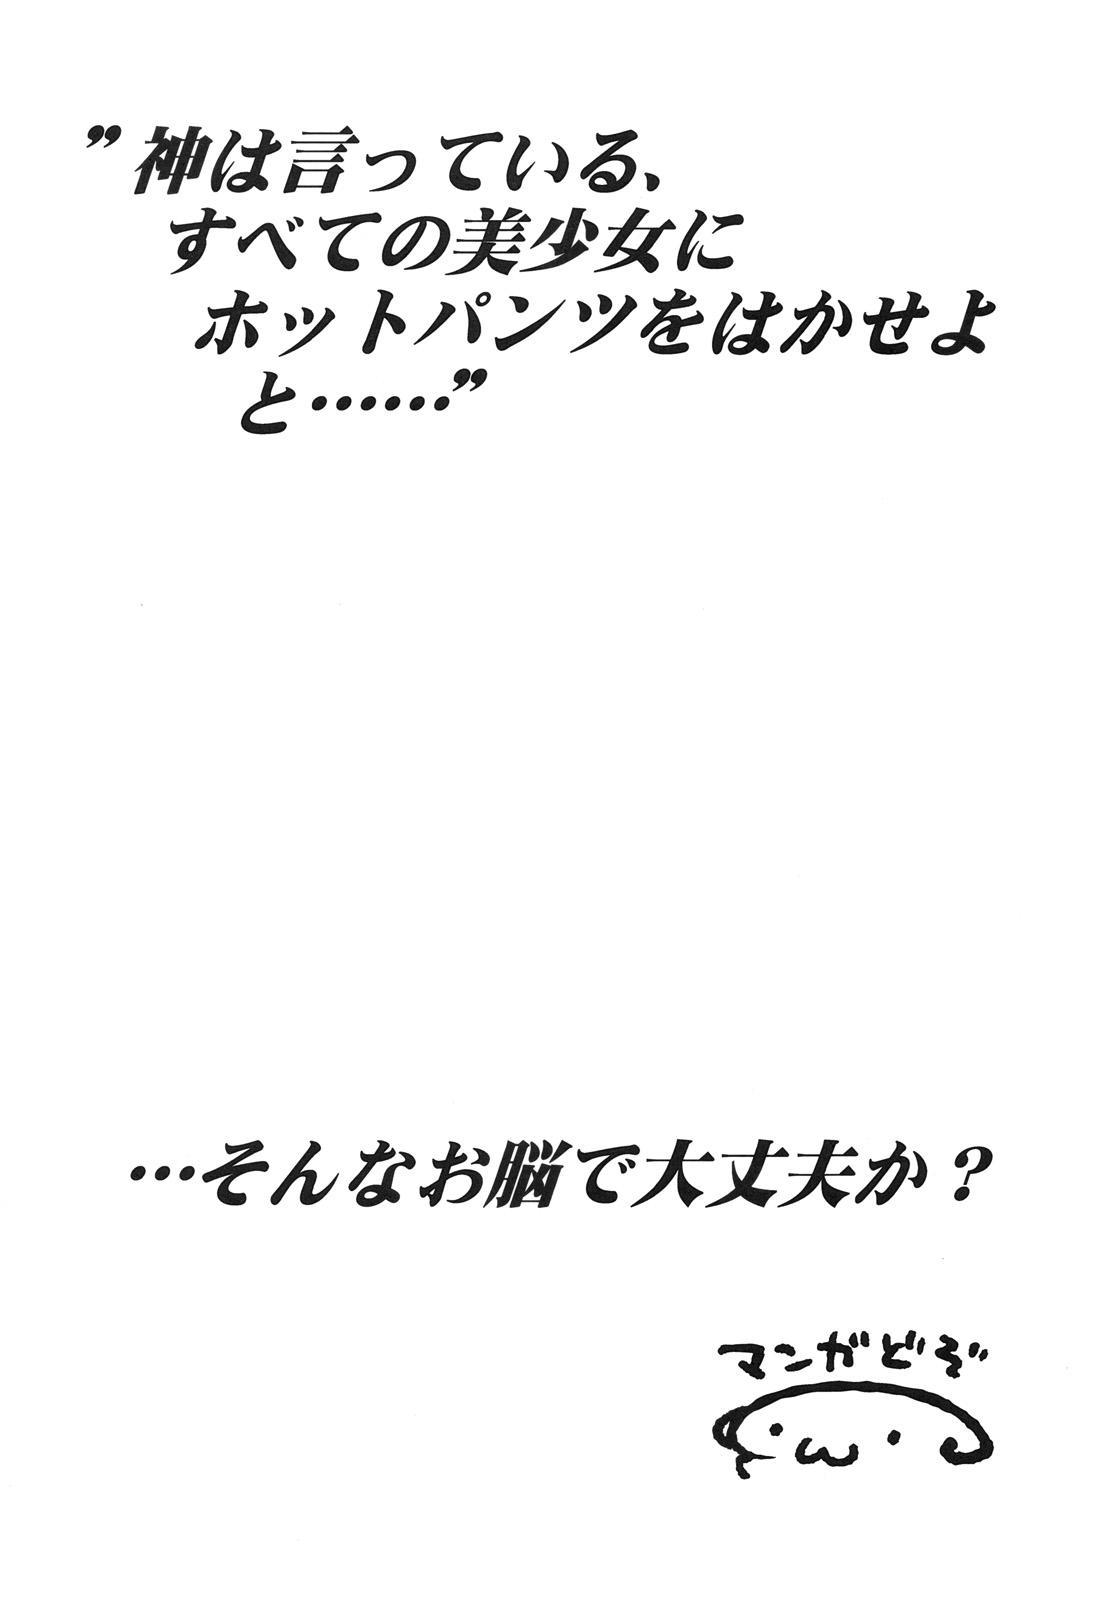 【REC!!】 2